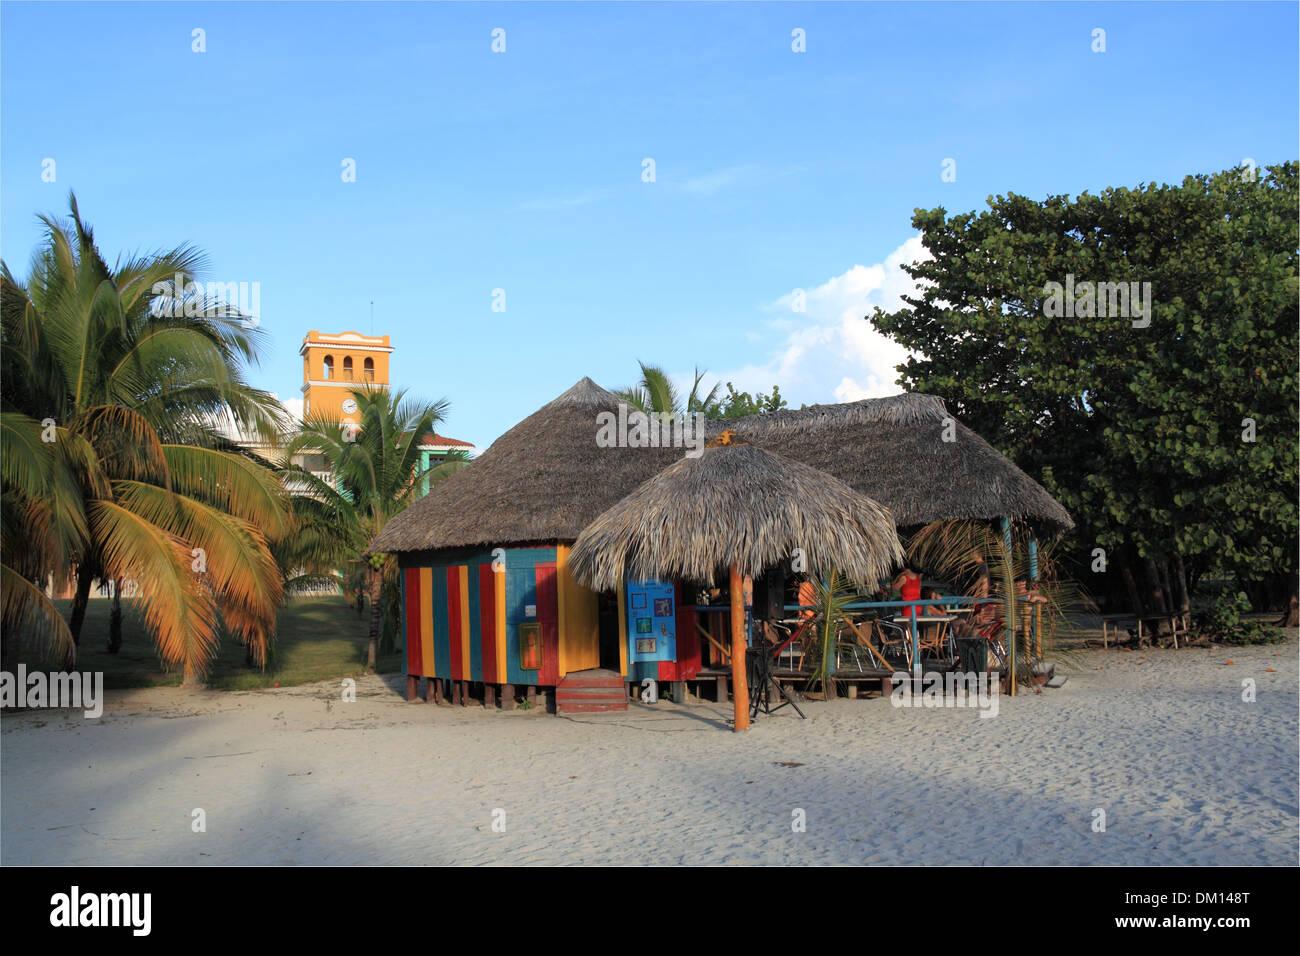 los almacigos strand bar hotel brisas trinidad del mar playa anc n trinidad sancti spiritus. Black Bedroom Furniture Sets. Home Design Ideas